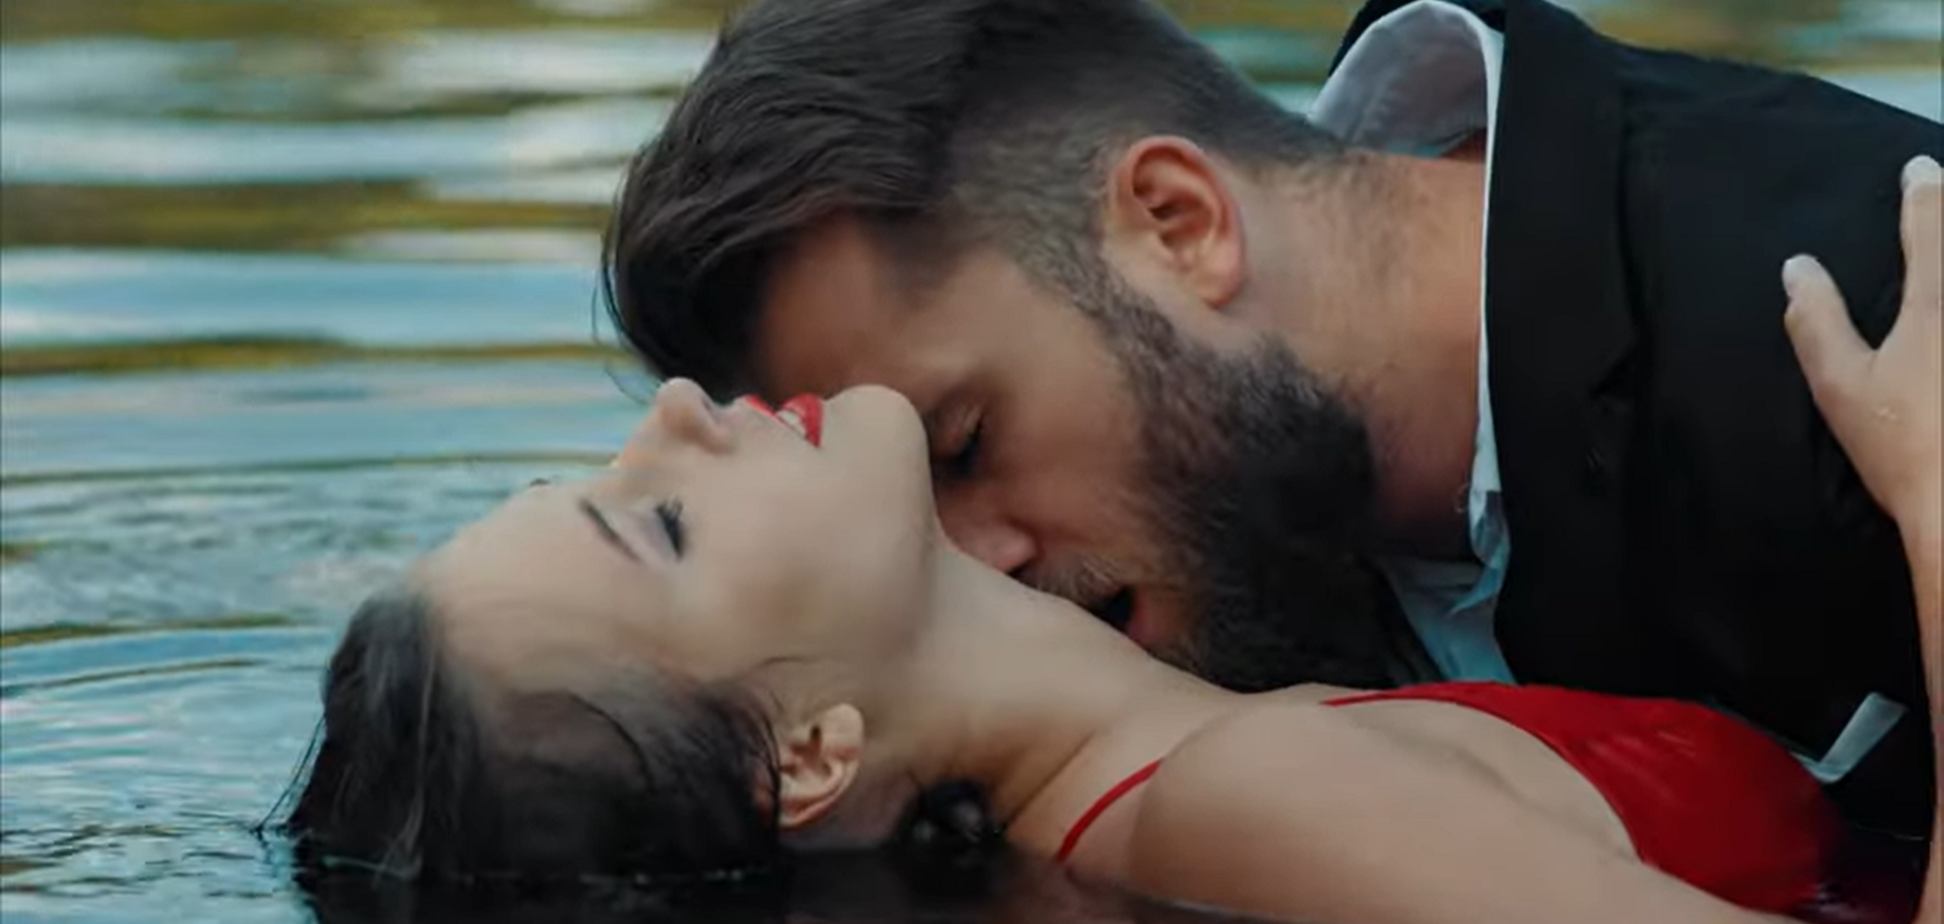 Украинский фильм 'Если было завтра' получил престижную награду в Испании